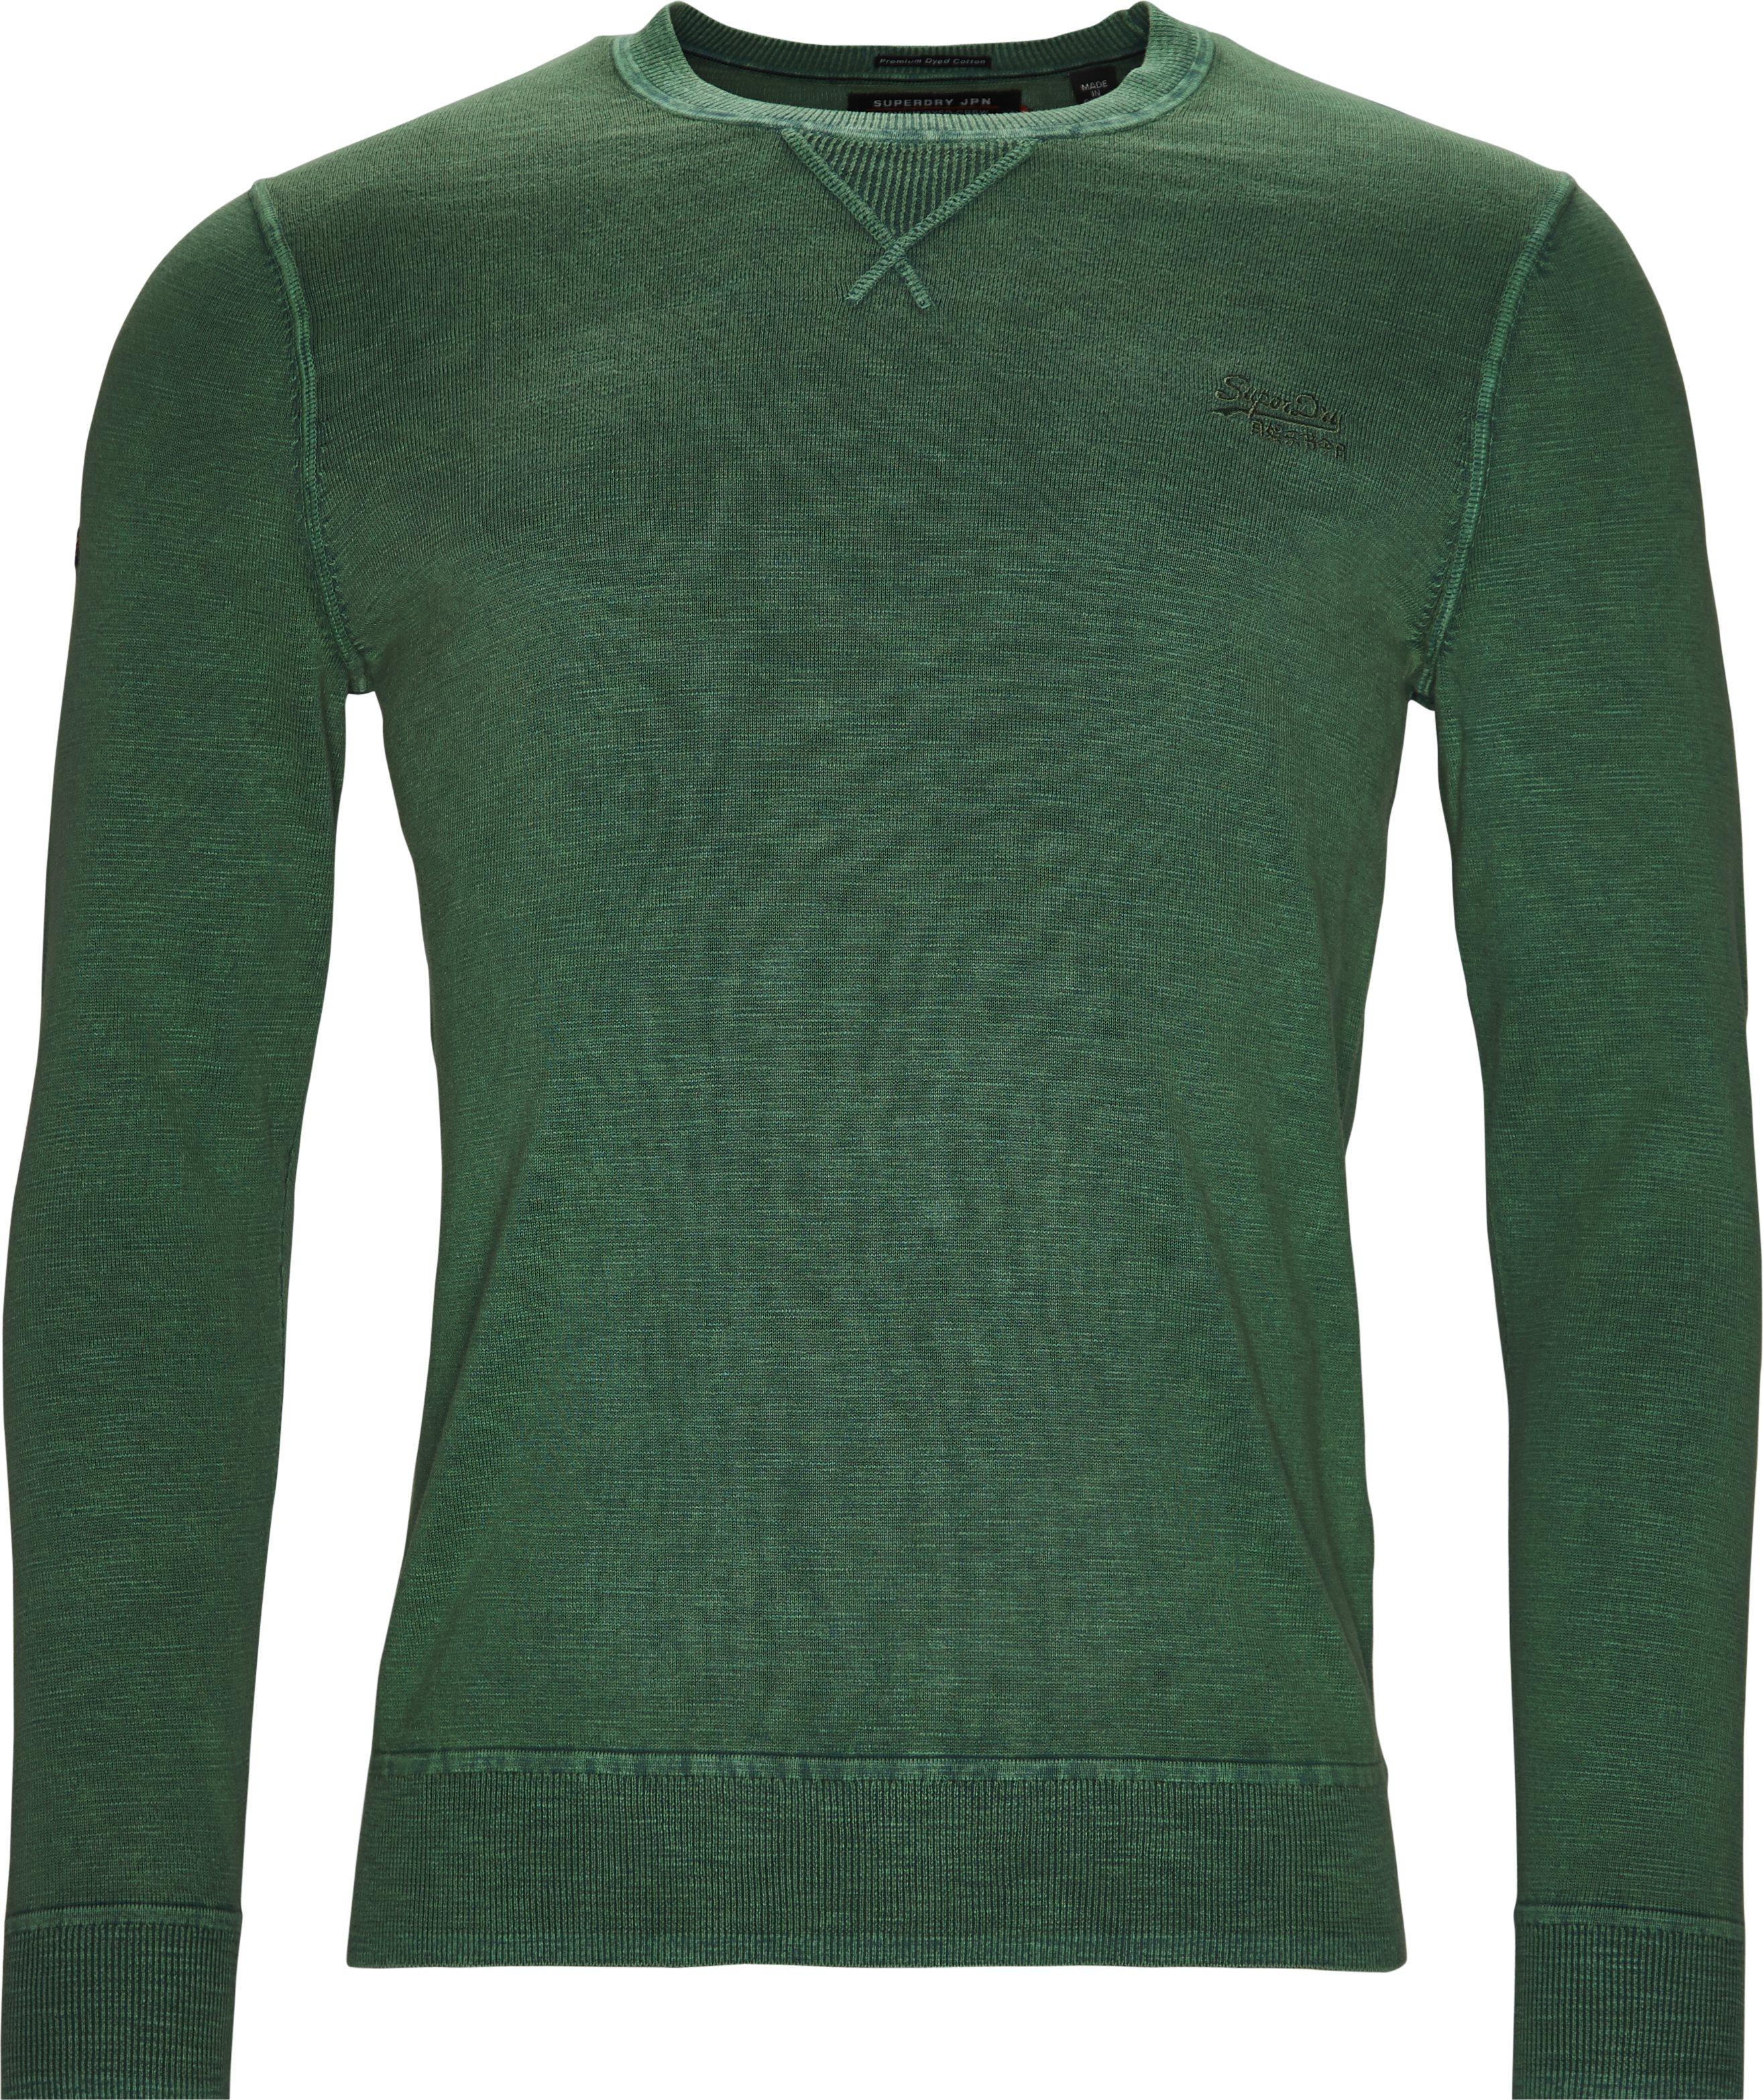 M61009AQDS - Sweatshirts - Regular fit - Grøn